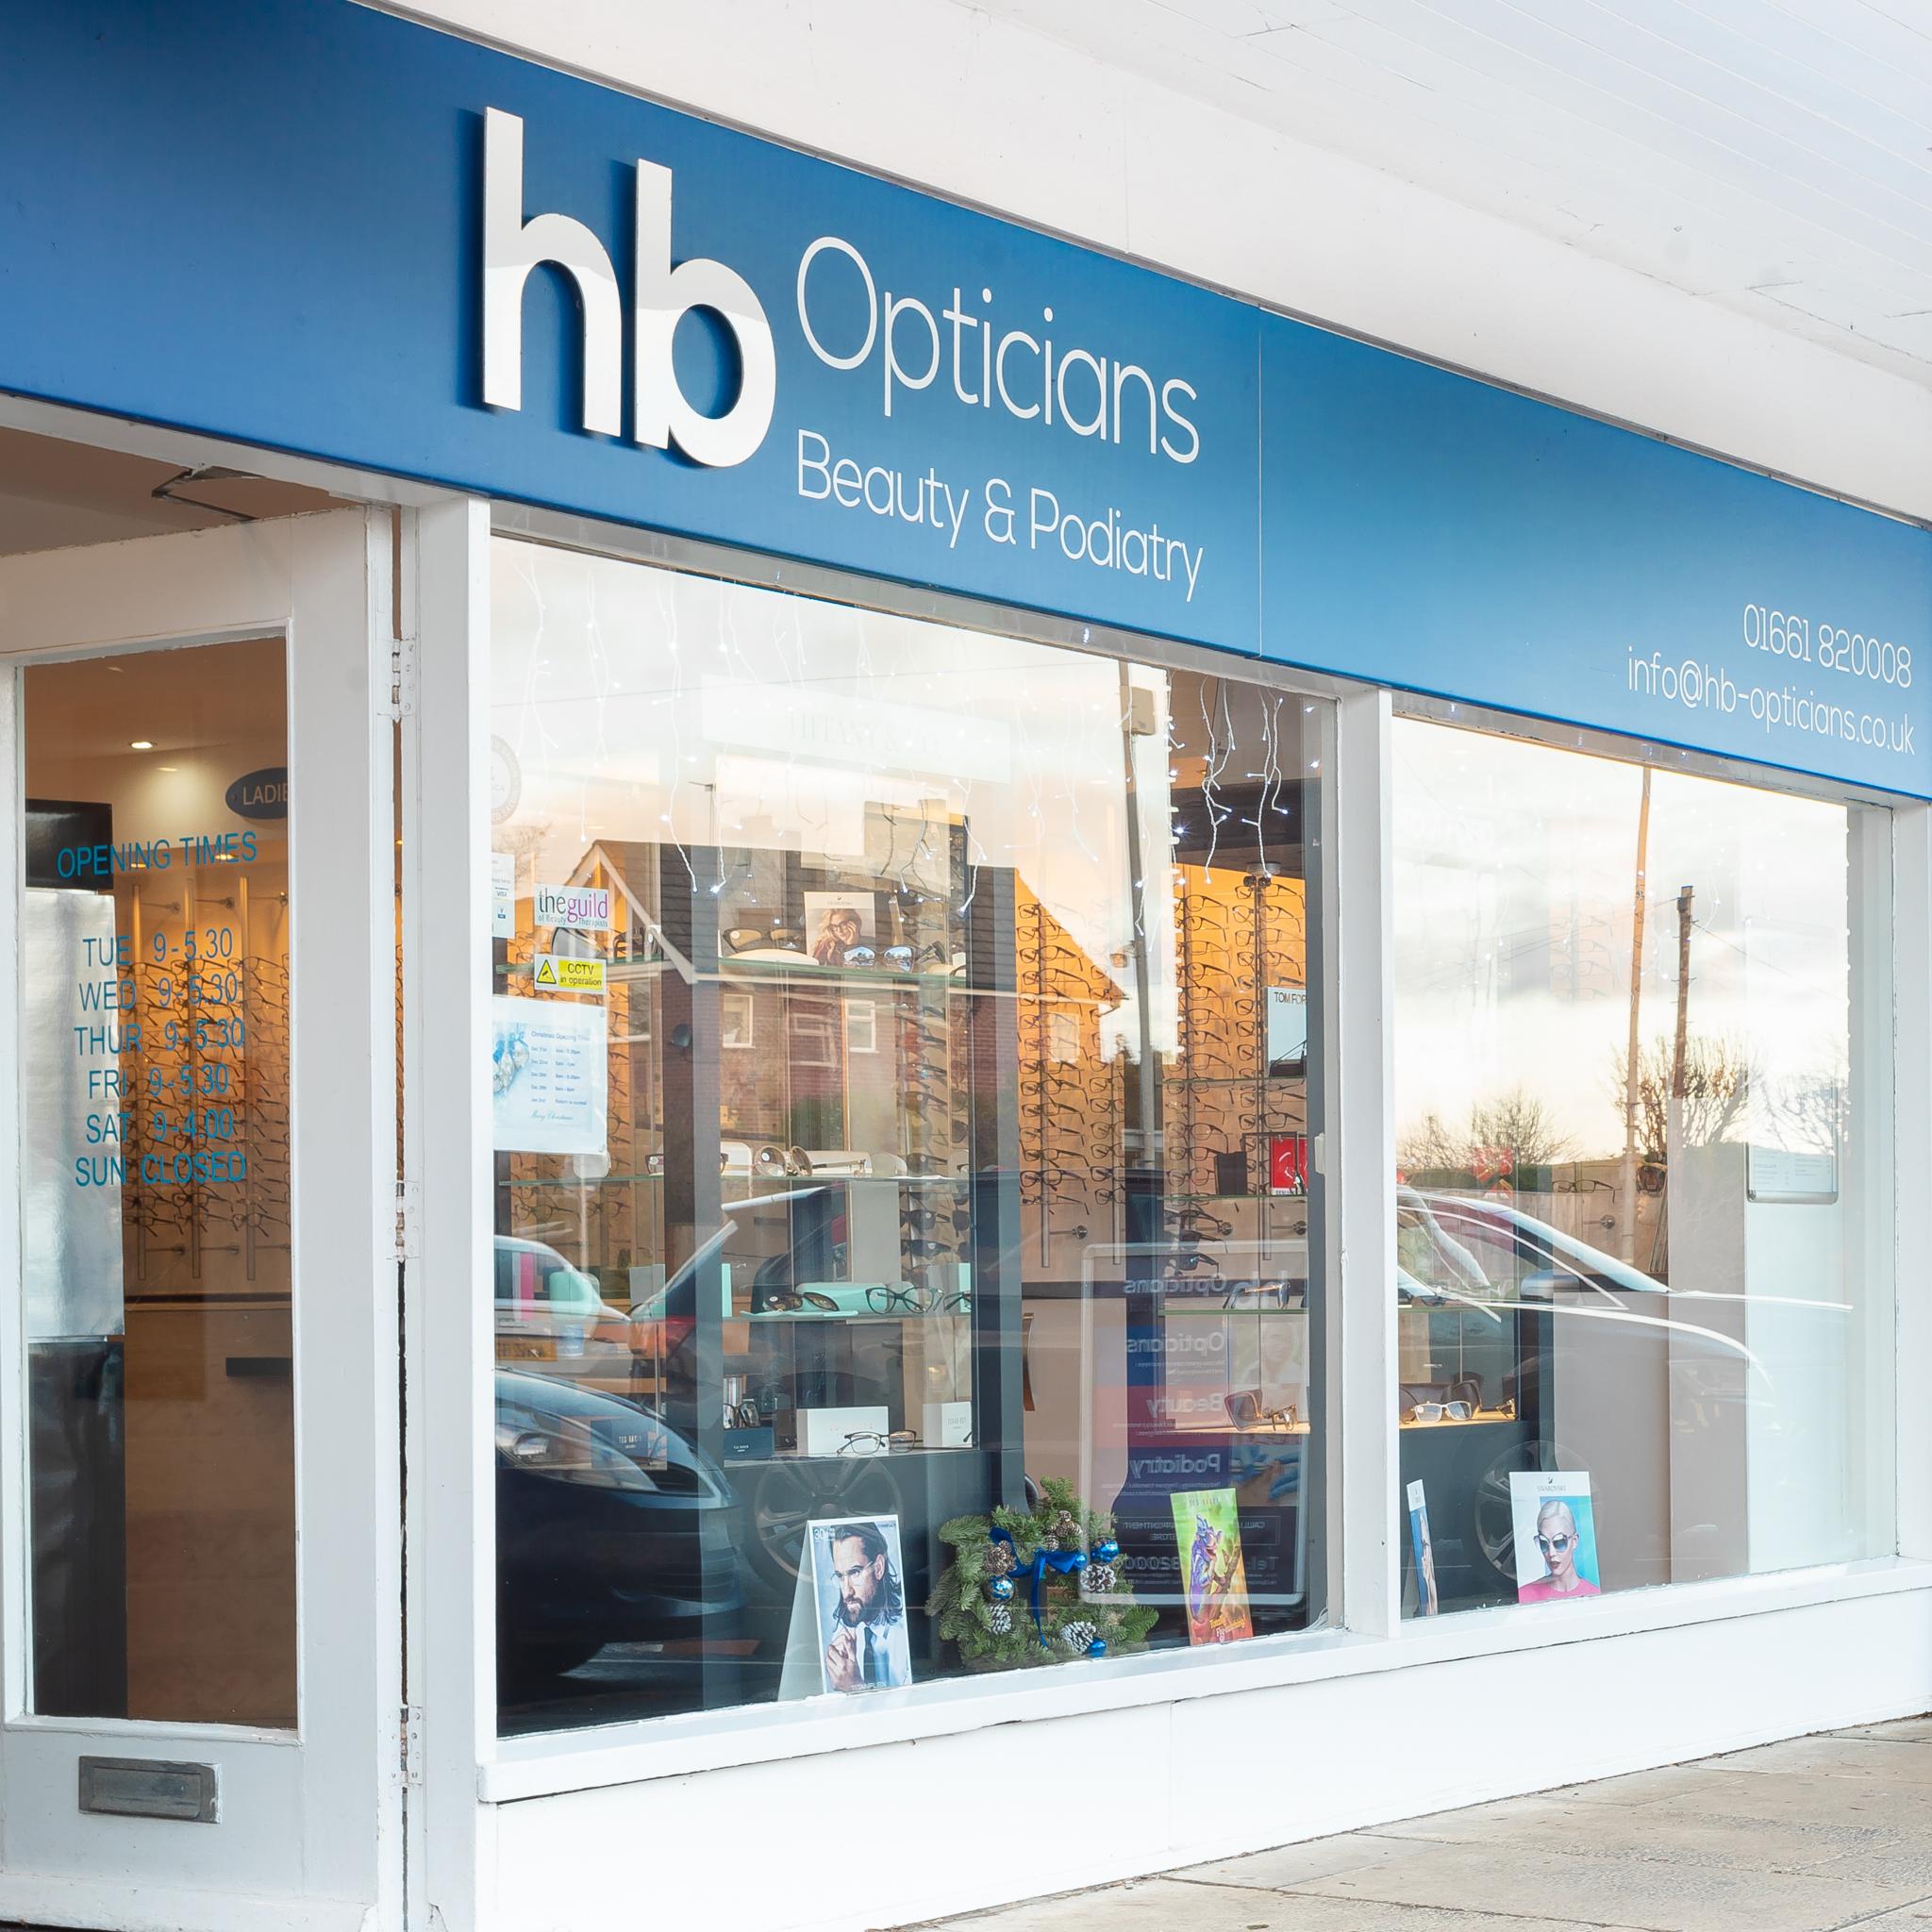 hb opticians shop front